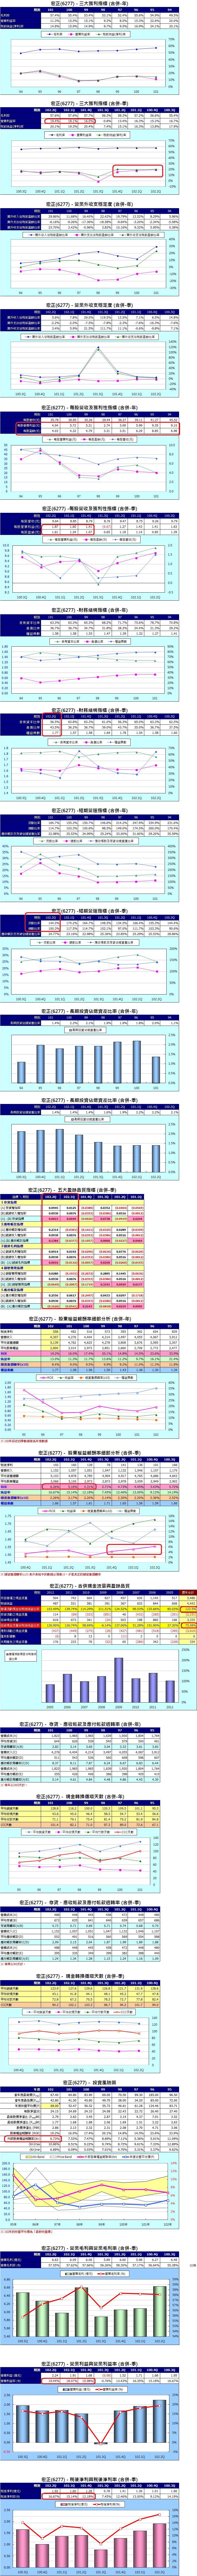 6277細部財務分析